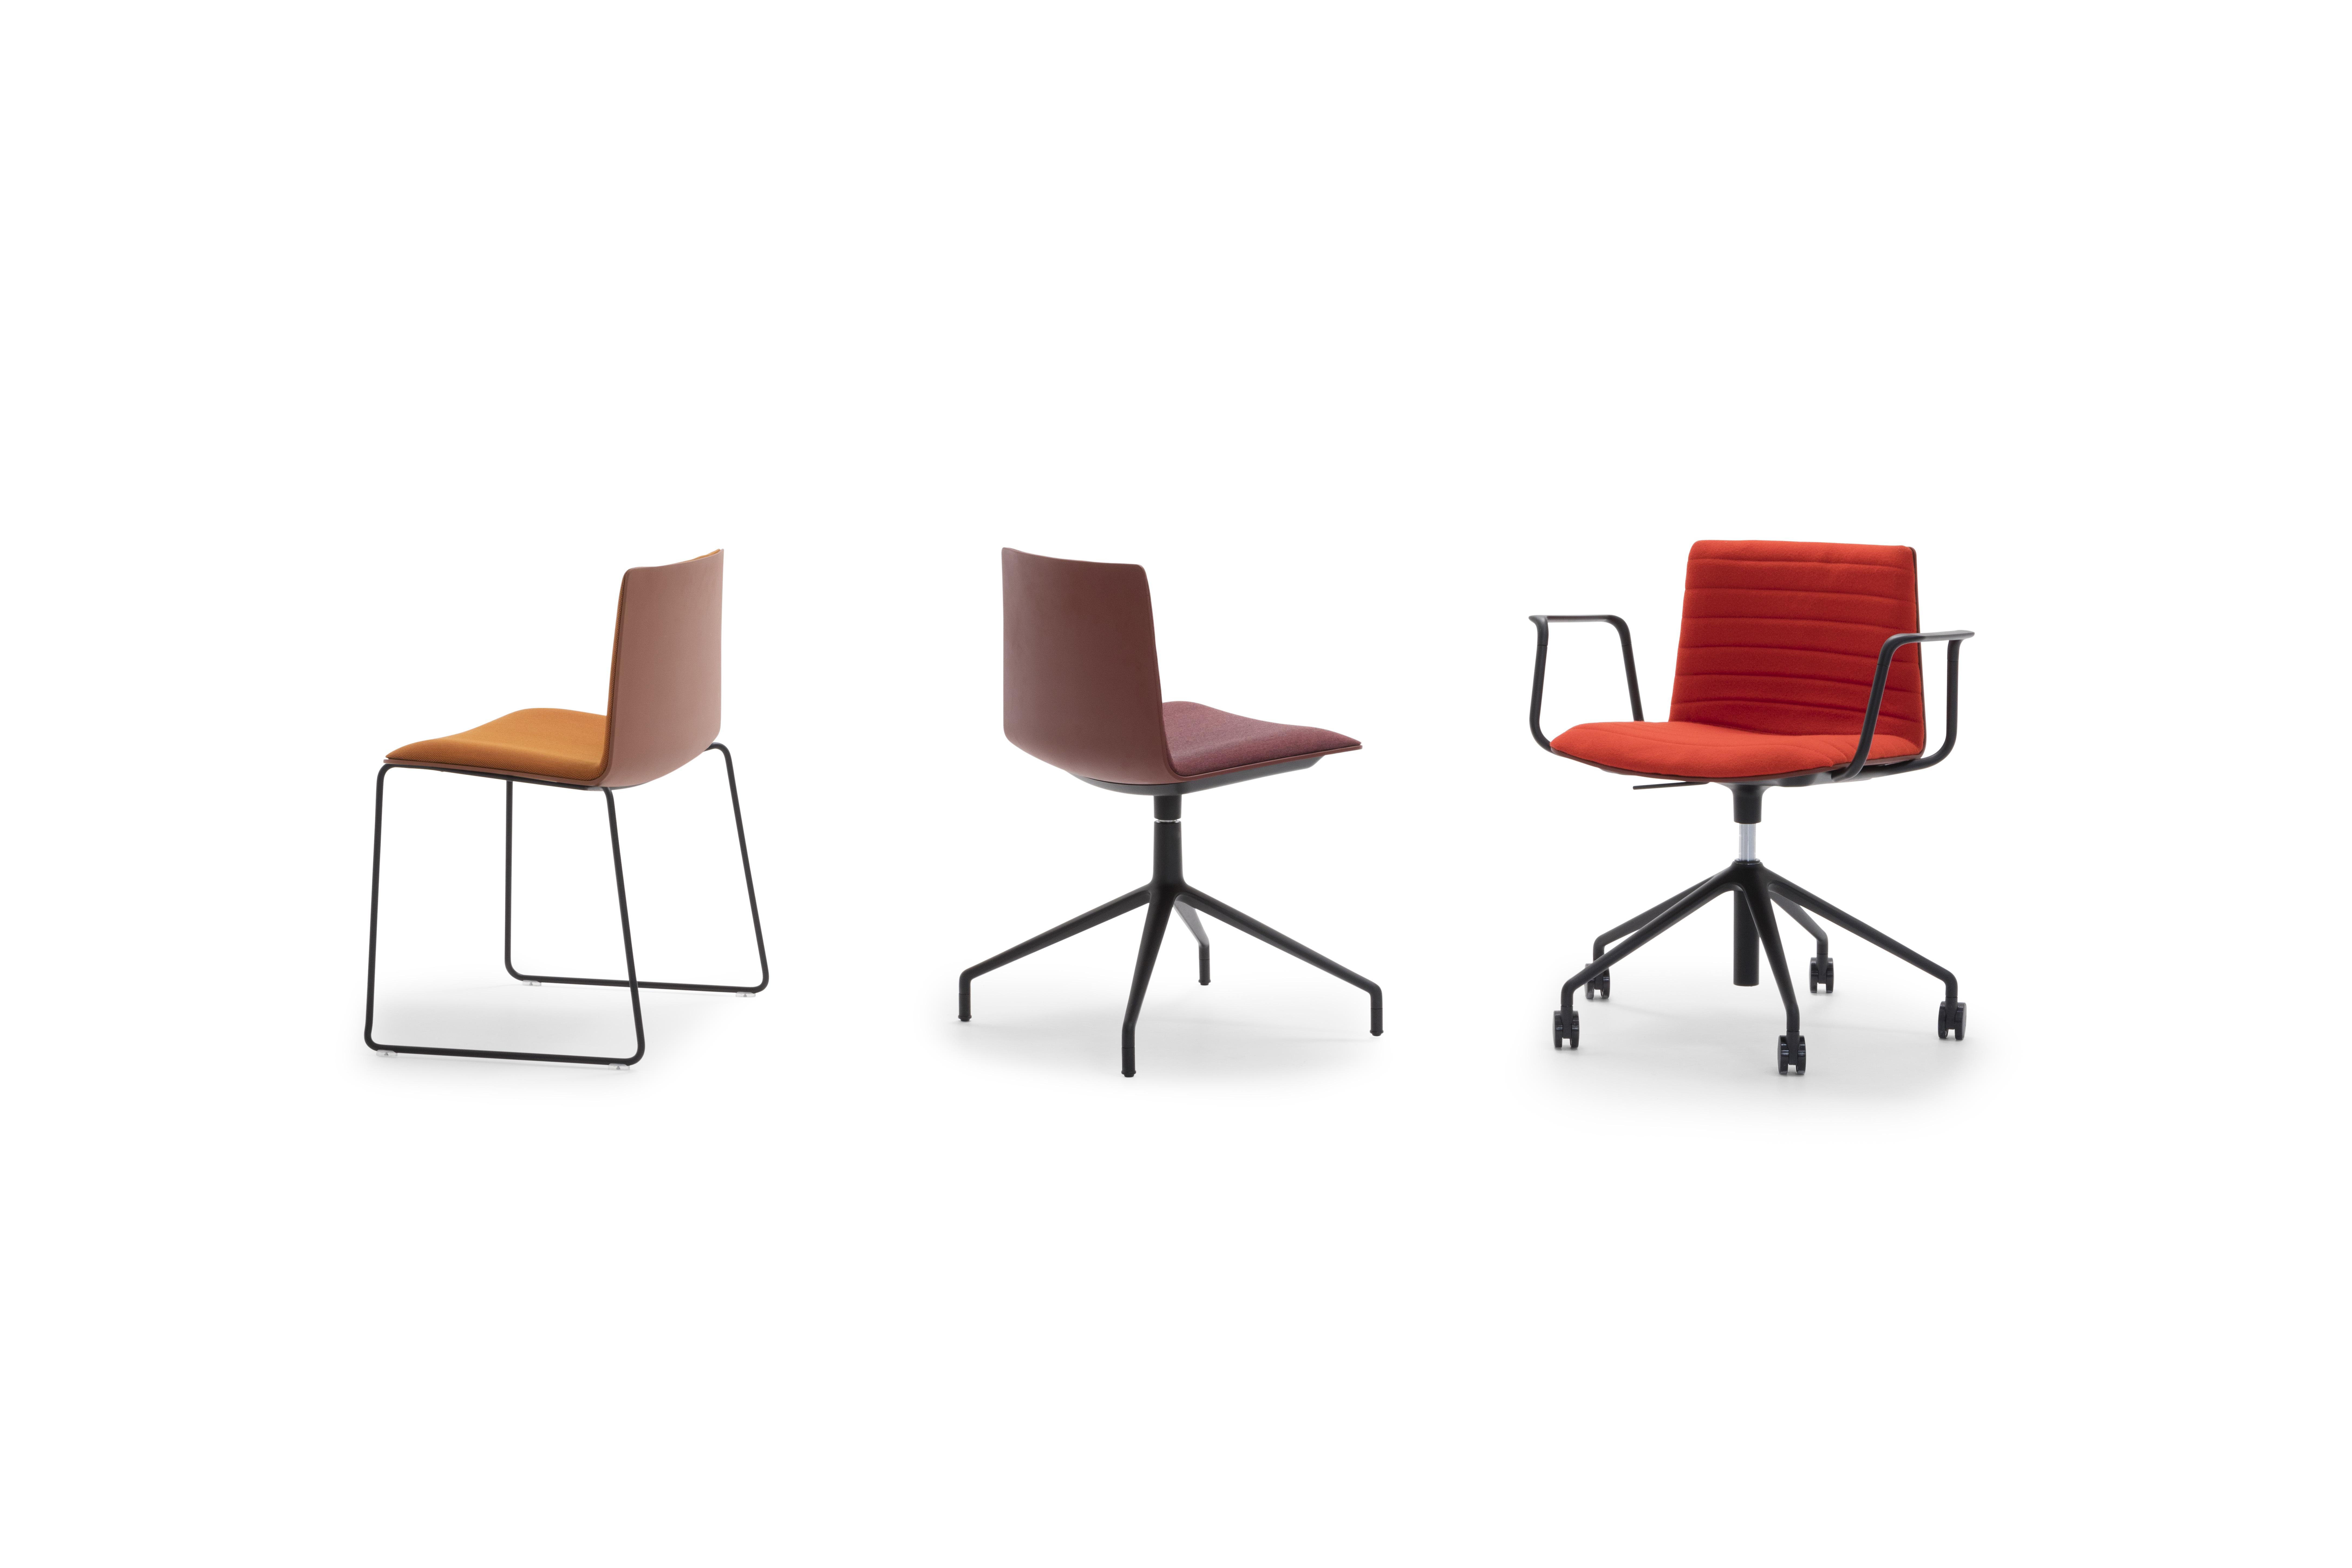 Sensational Flex Chair By Andreu World Stylepark Lamtechconsult Wood Chair Design Ideas Lamtechconsultcom